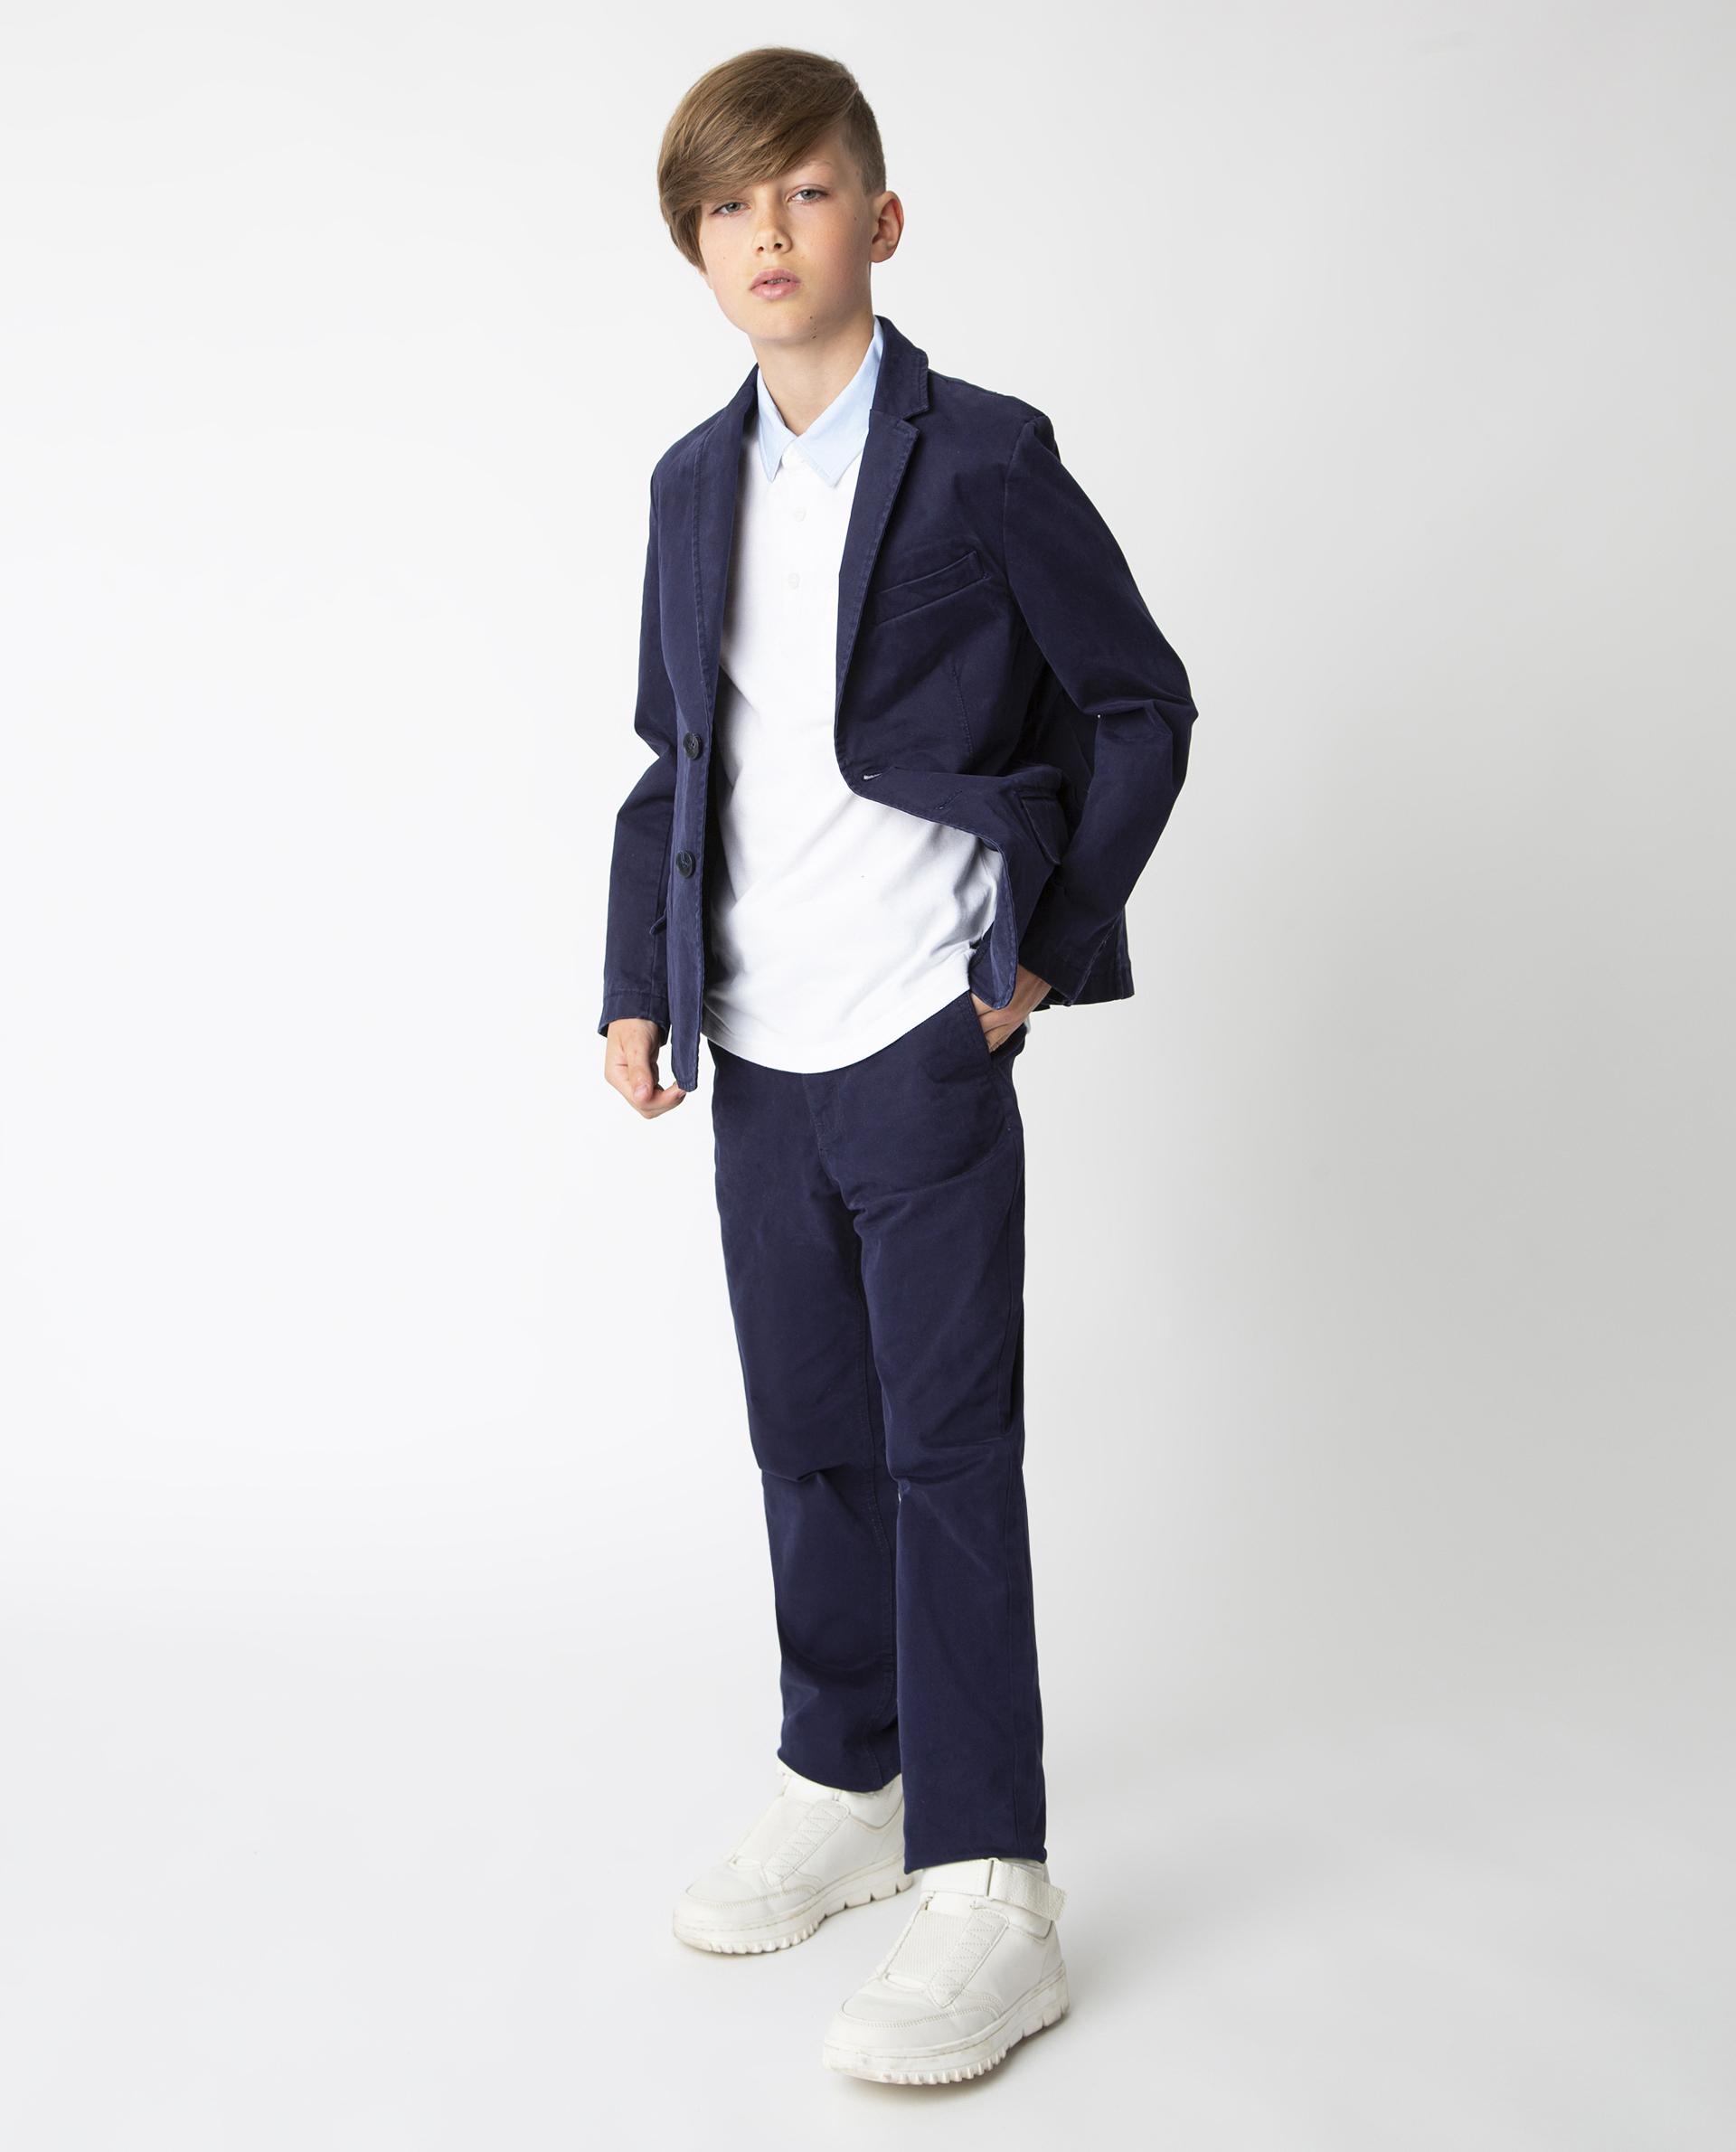 Купить 220GSBC4804, Синий пиджак Gulliver, синий, 146, Твил, Мужской, Демисезон, ШКОЛЬНАЯ ФОРМА 2020-2021 (shop: GulliverMarket Gulliver Market)